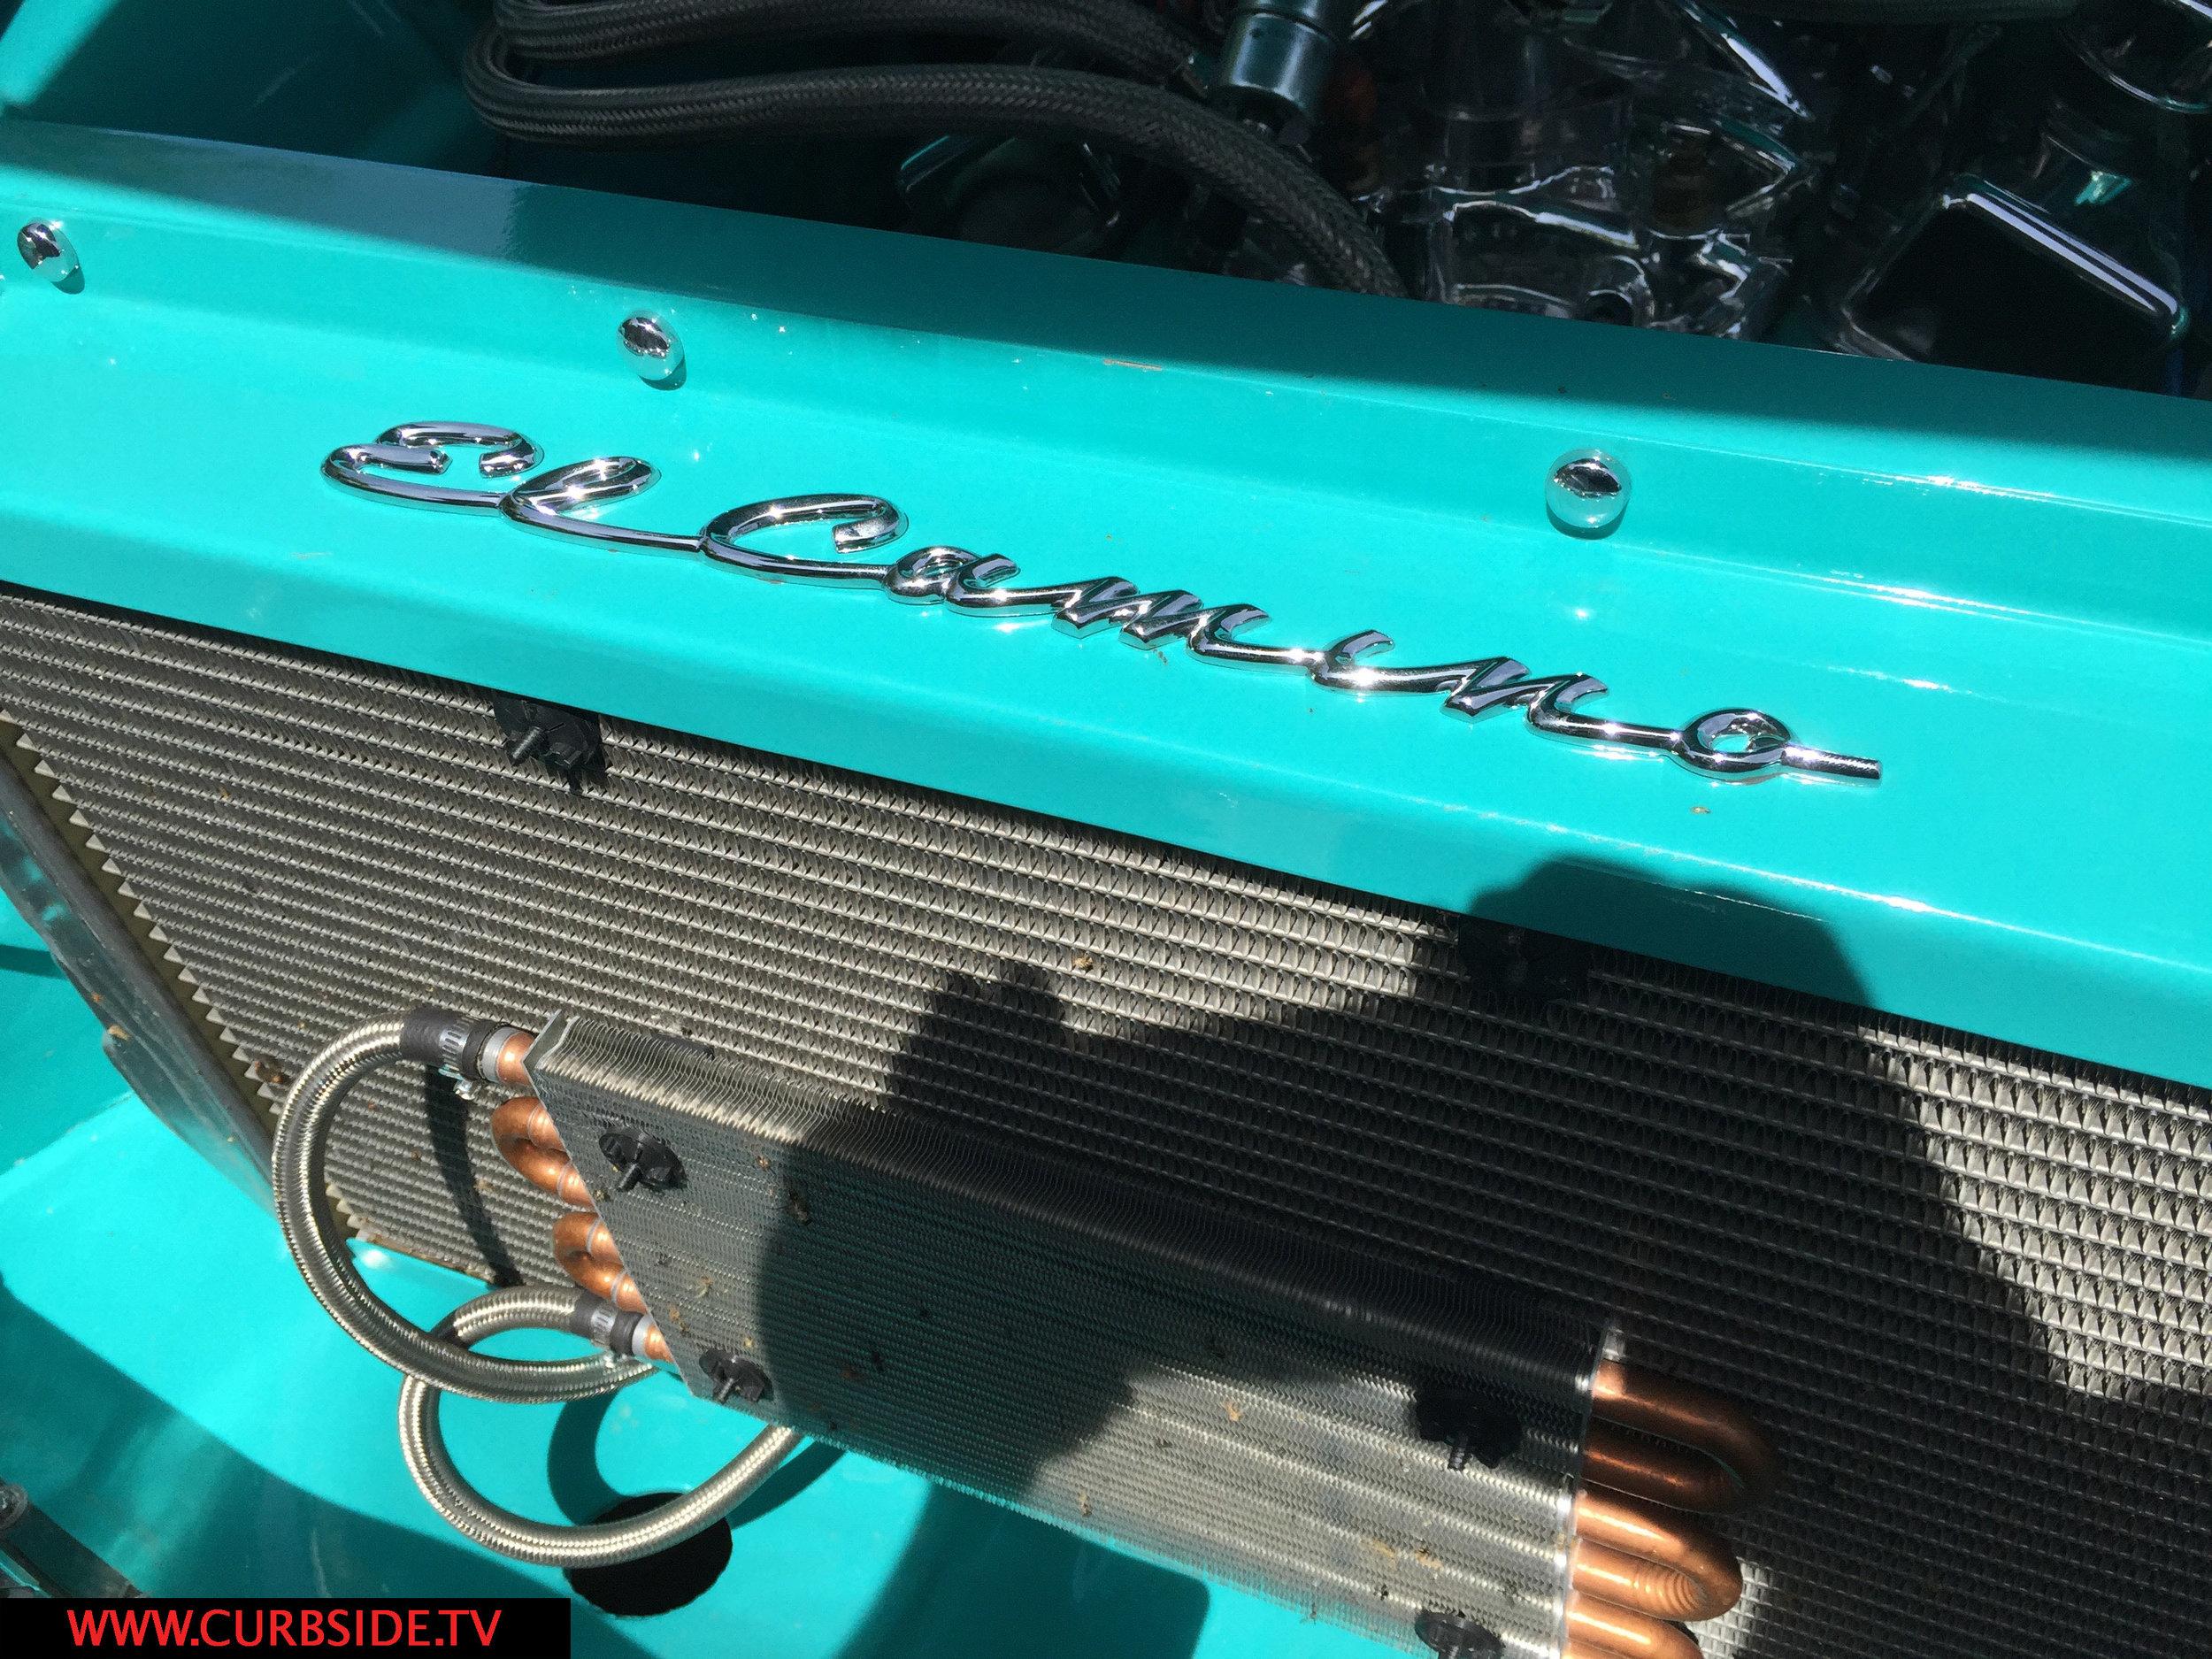 Joes 1956 Chevy El Camino - 11.jpg